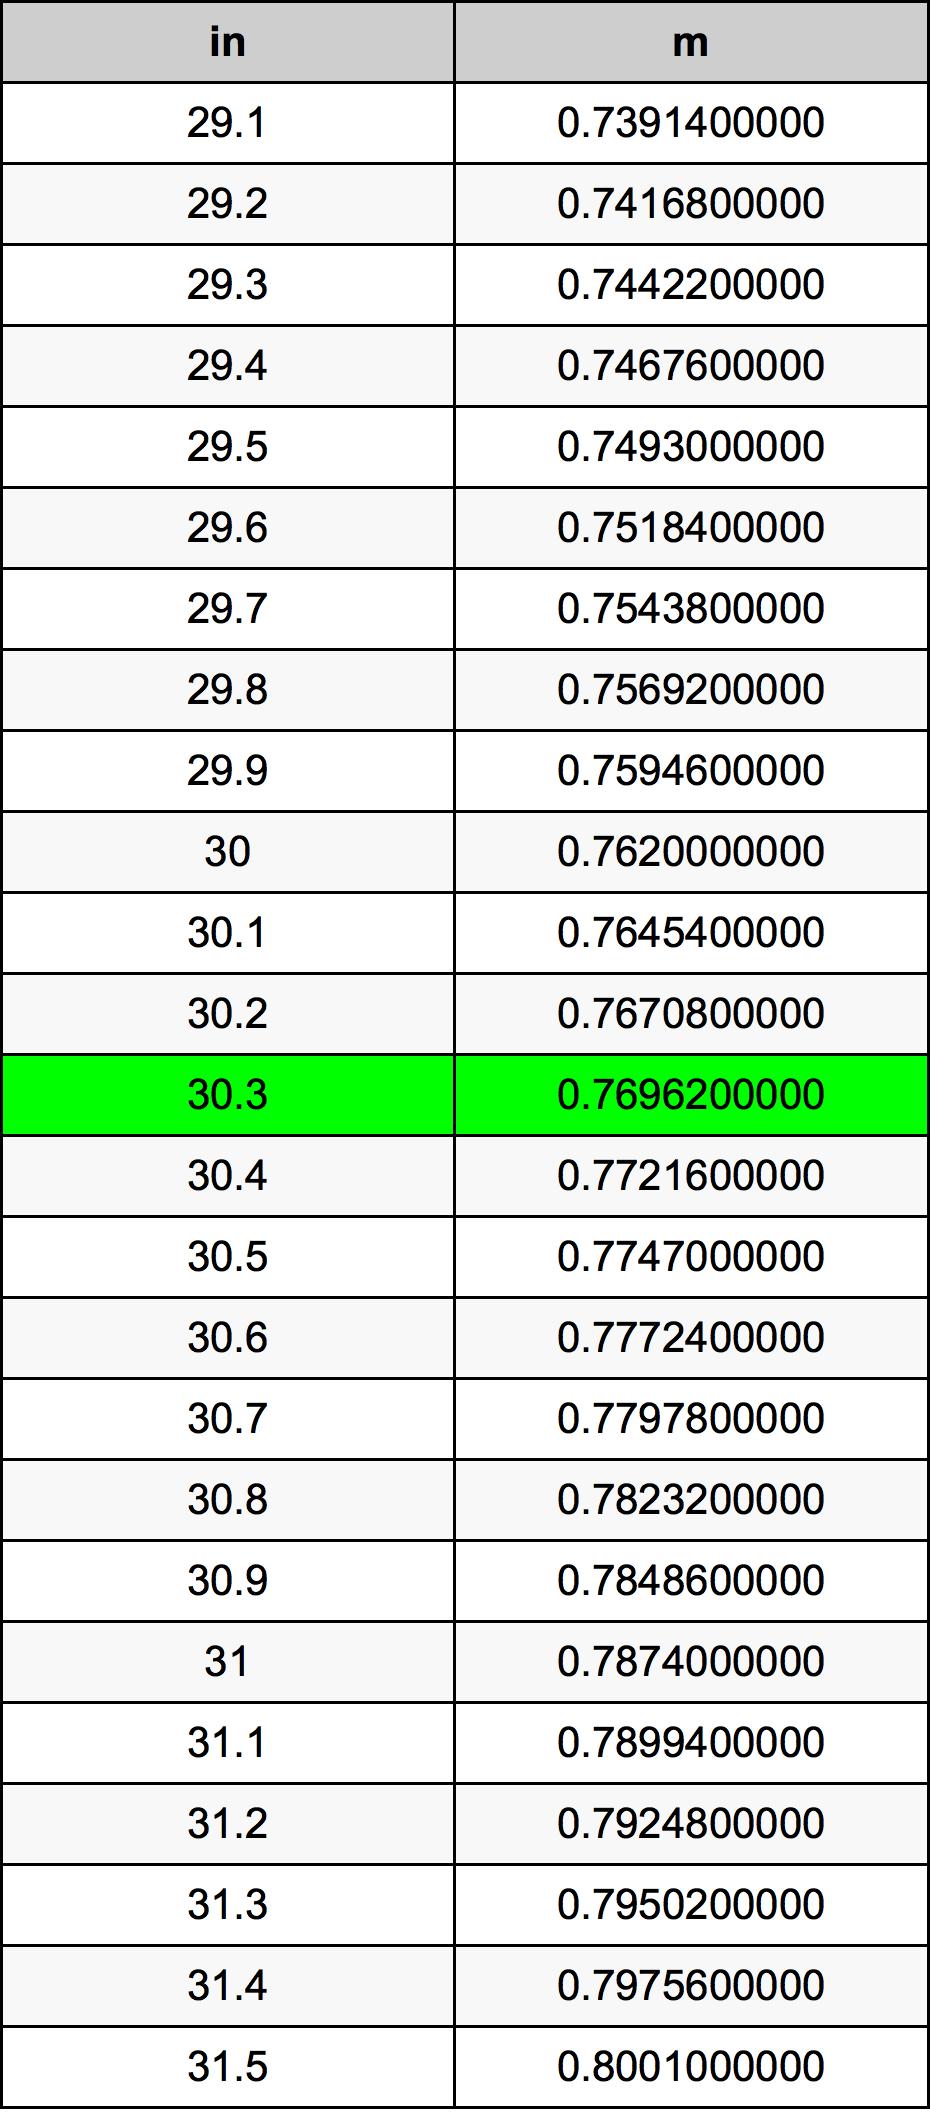 30.3 инч Таблица за преобразуване